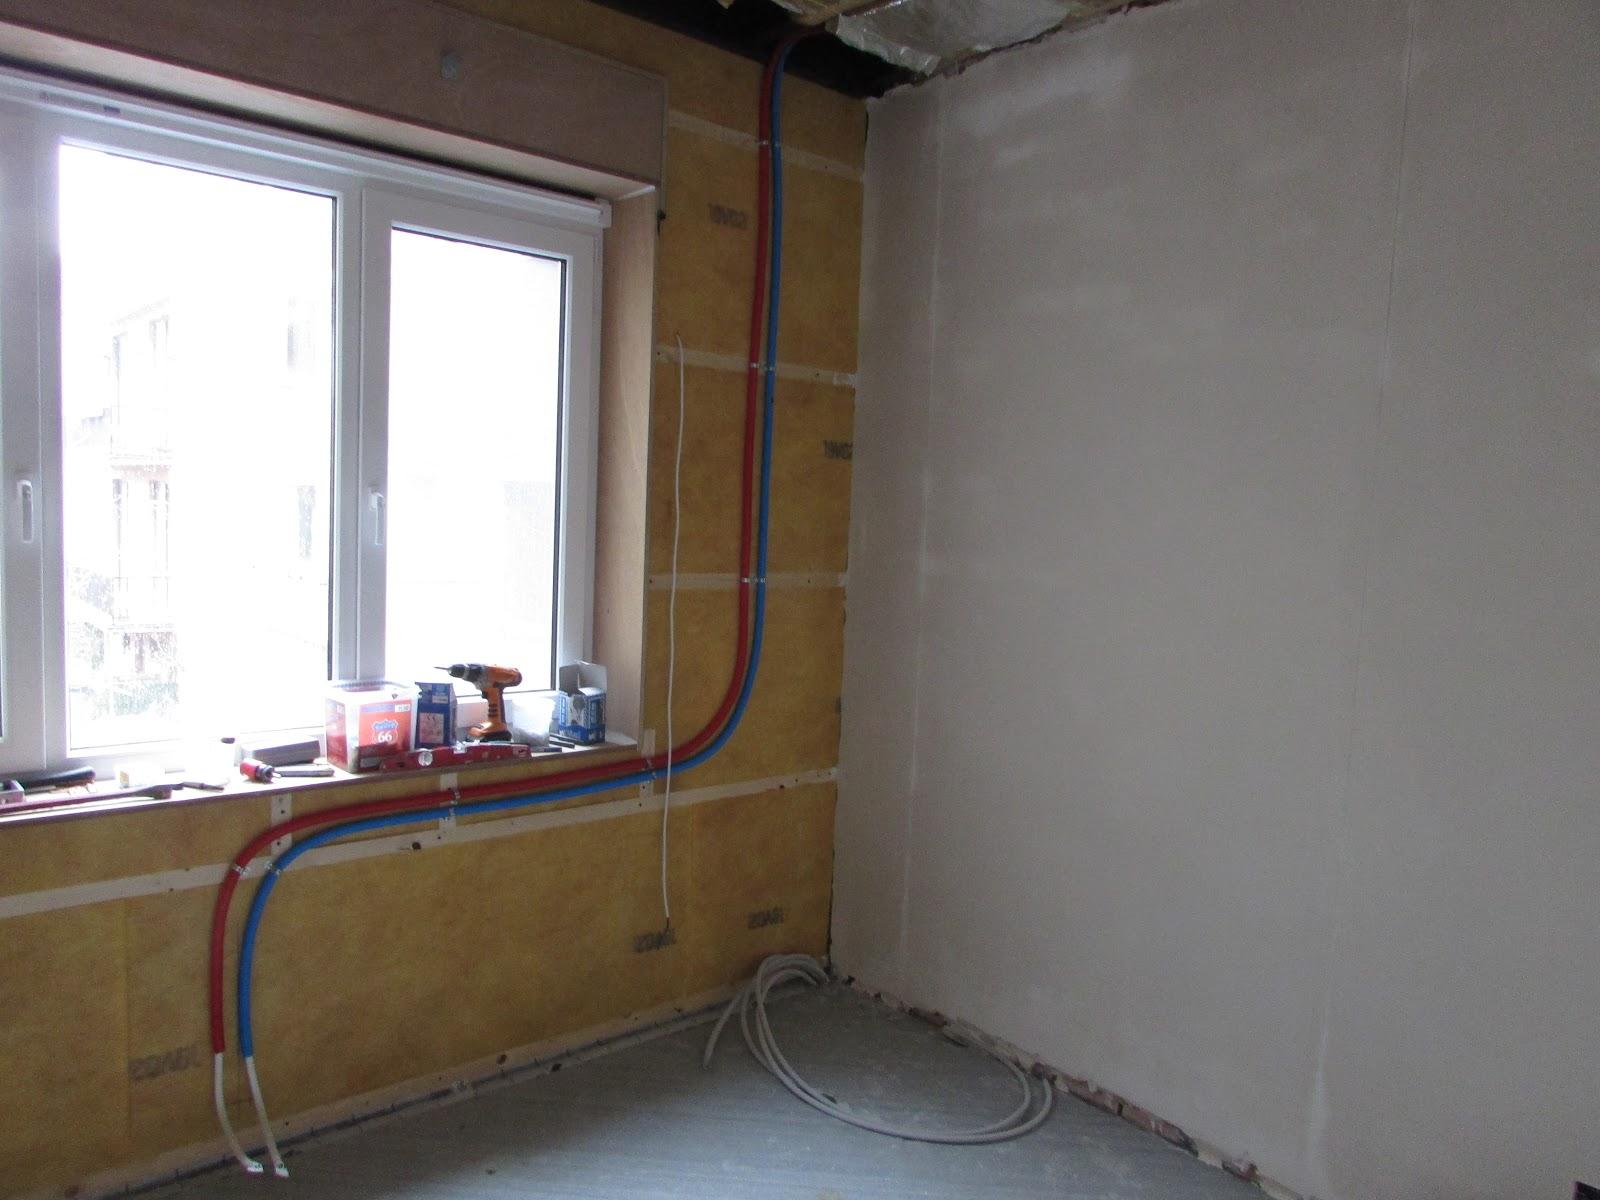 verbouwing van ons ouderlijk huis: CV-leidingen slaapkamer